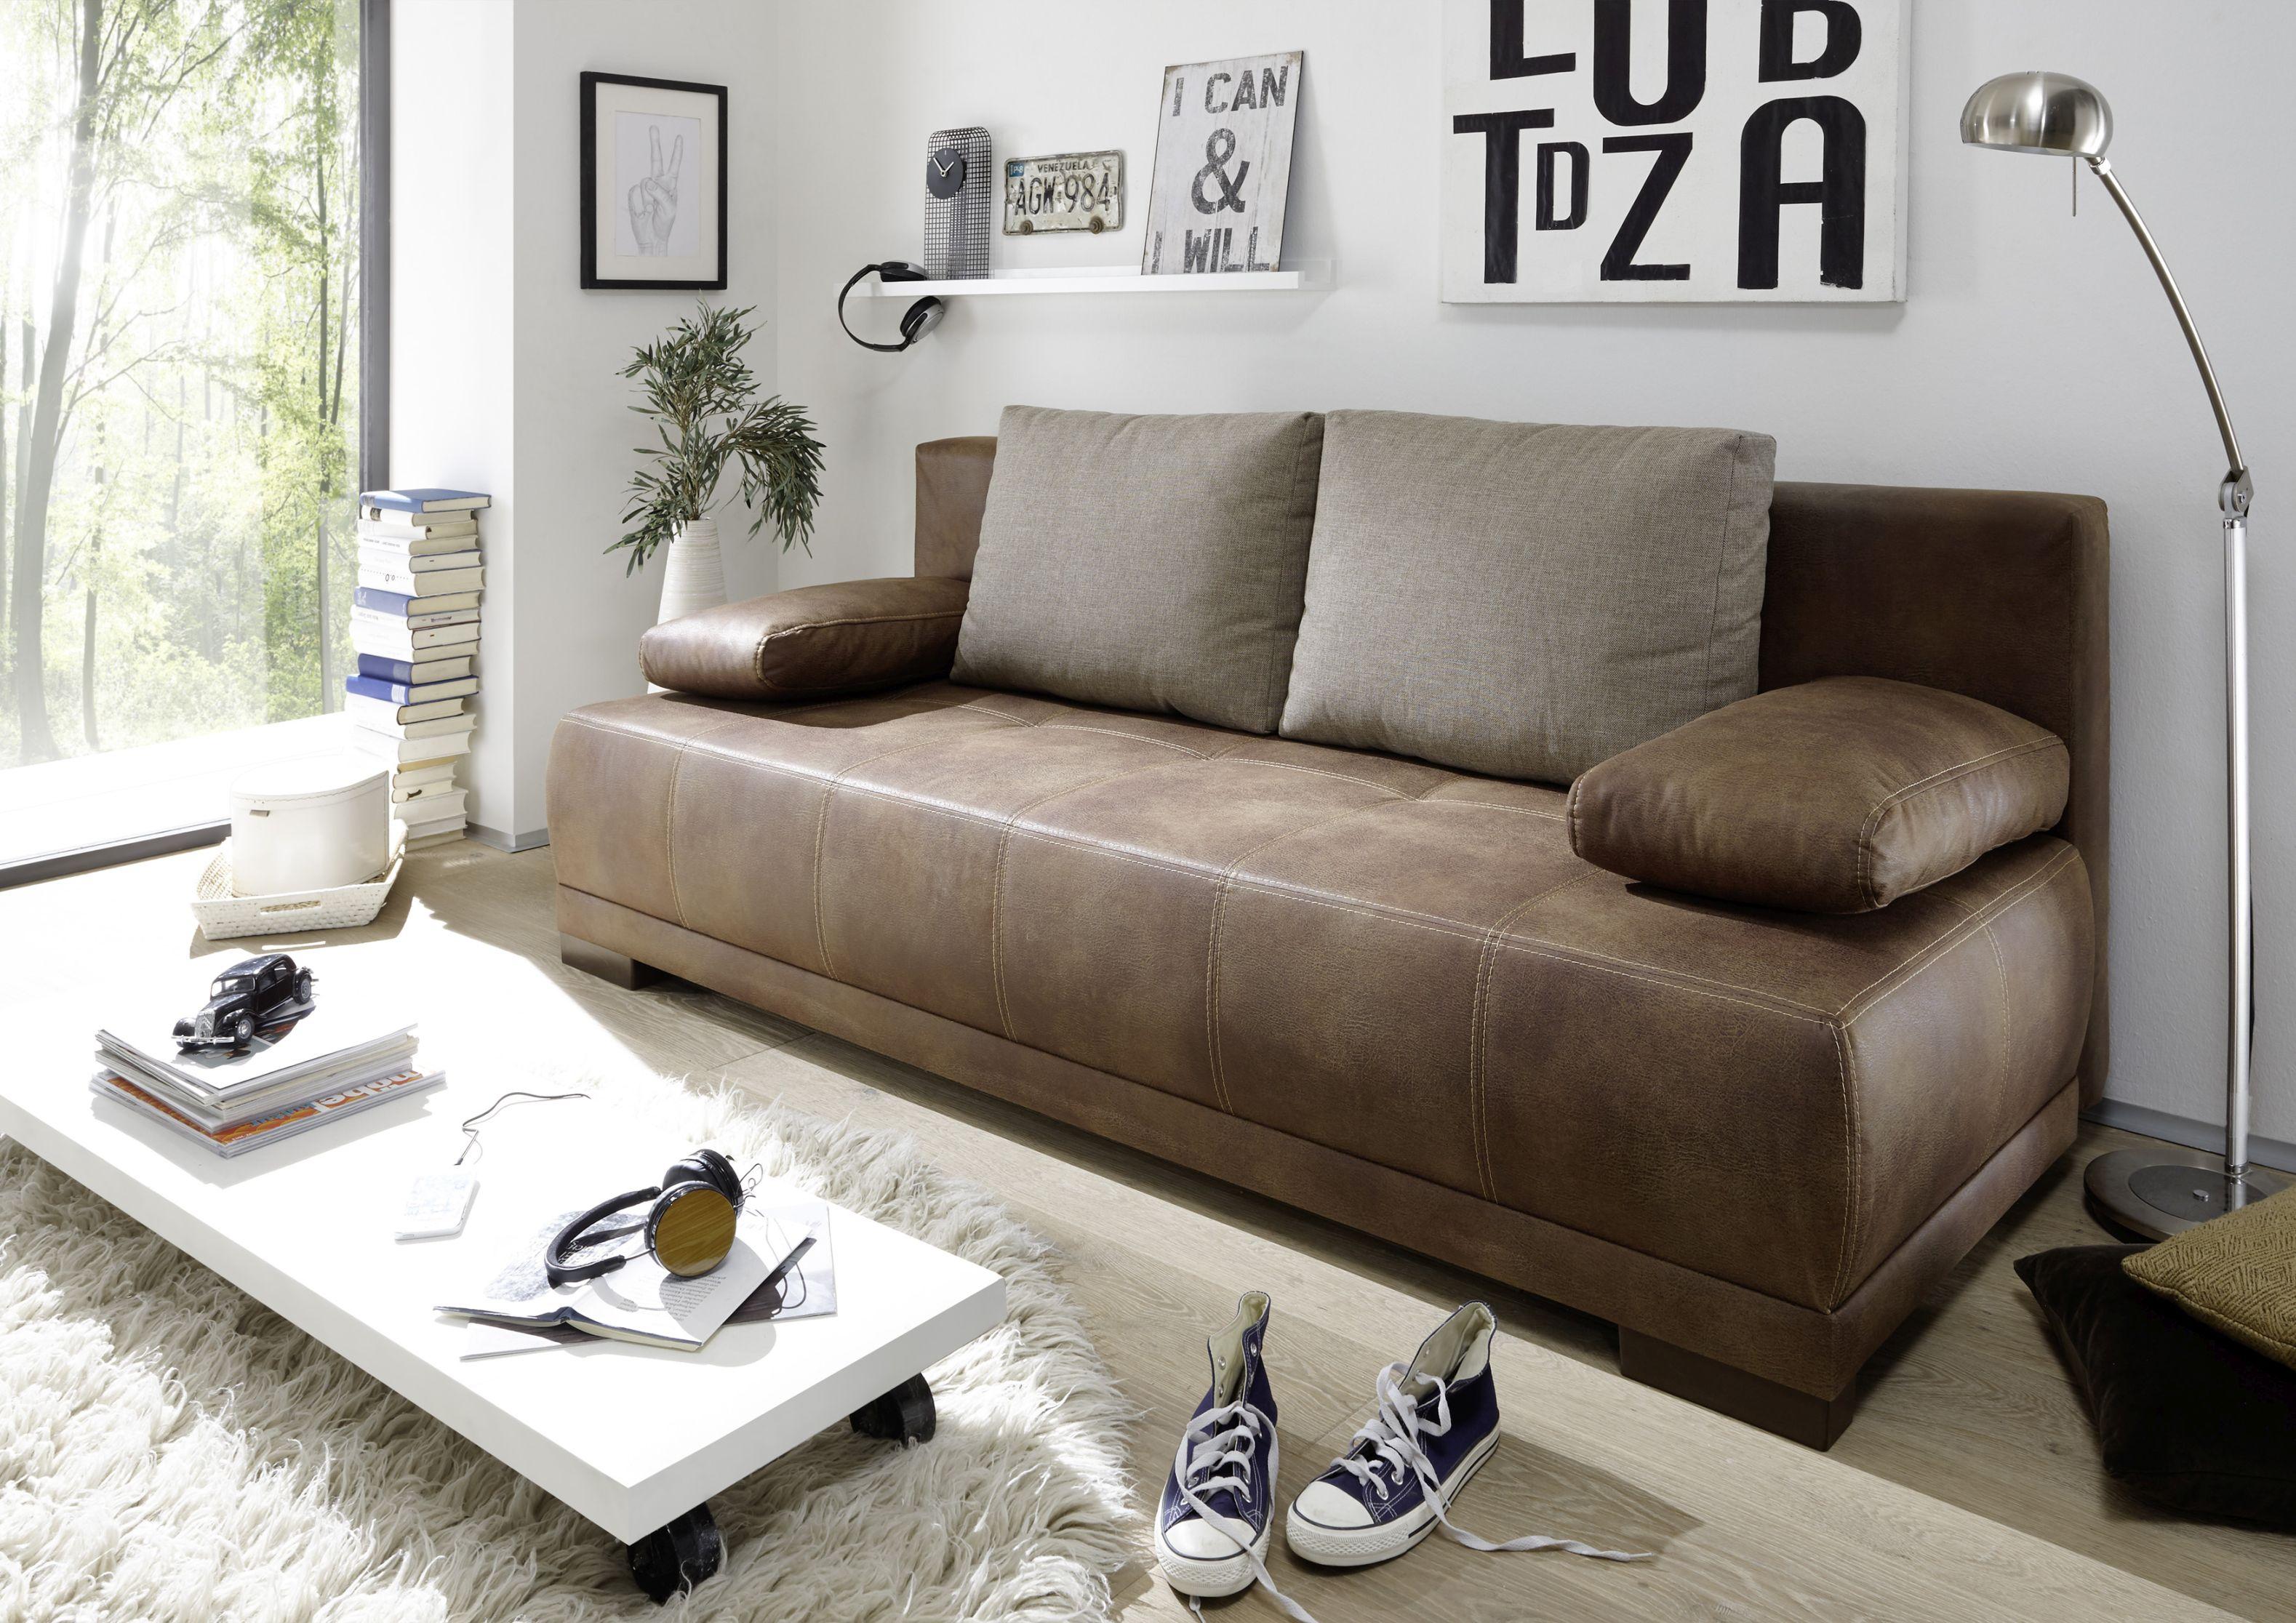 ausziehbare schlafcouch sofa bett auszieht vollbett ausziehbare couch kleines schlafsofa sofas. Black Bedroom Furniture Sets. Home Design Ideas